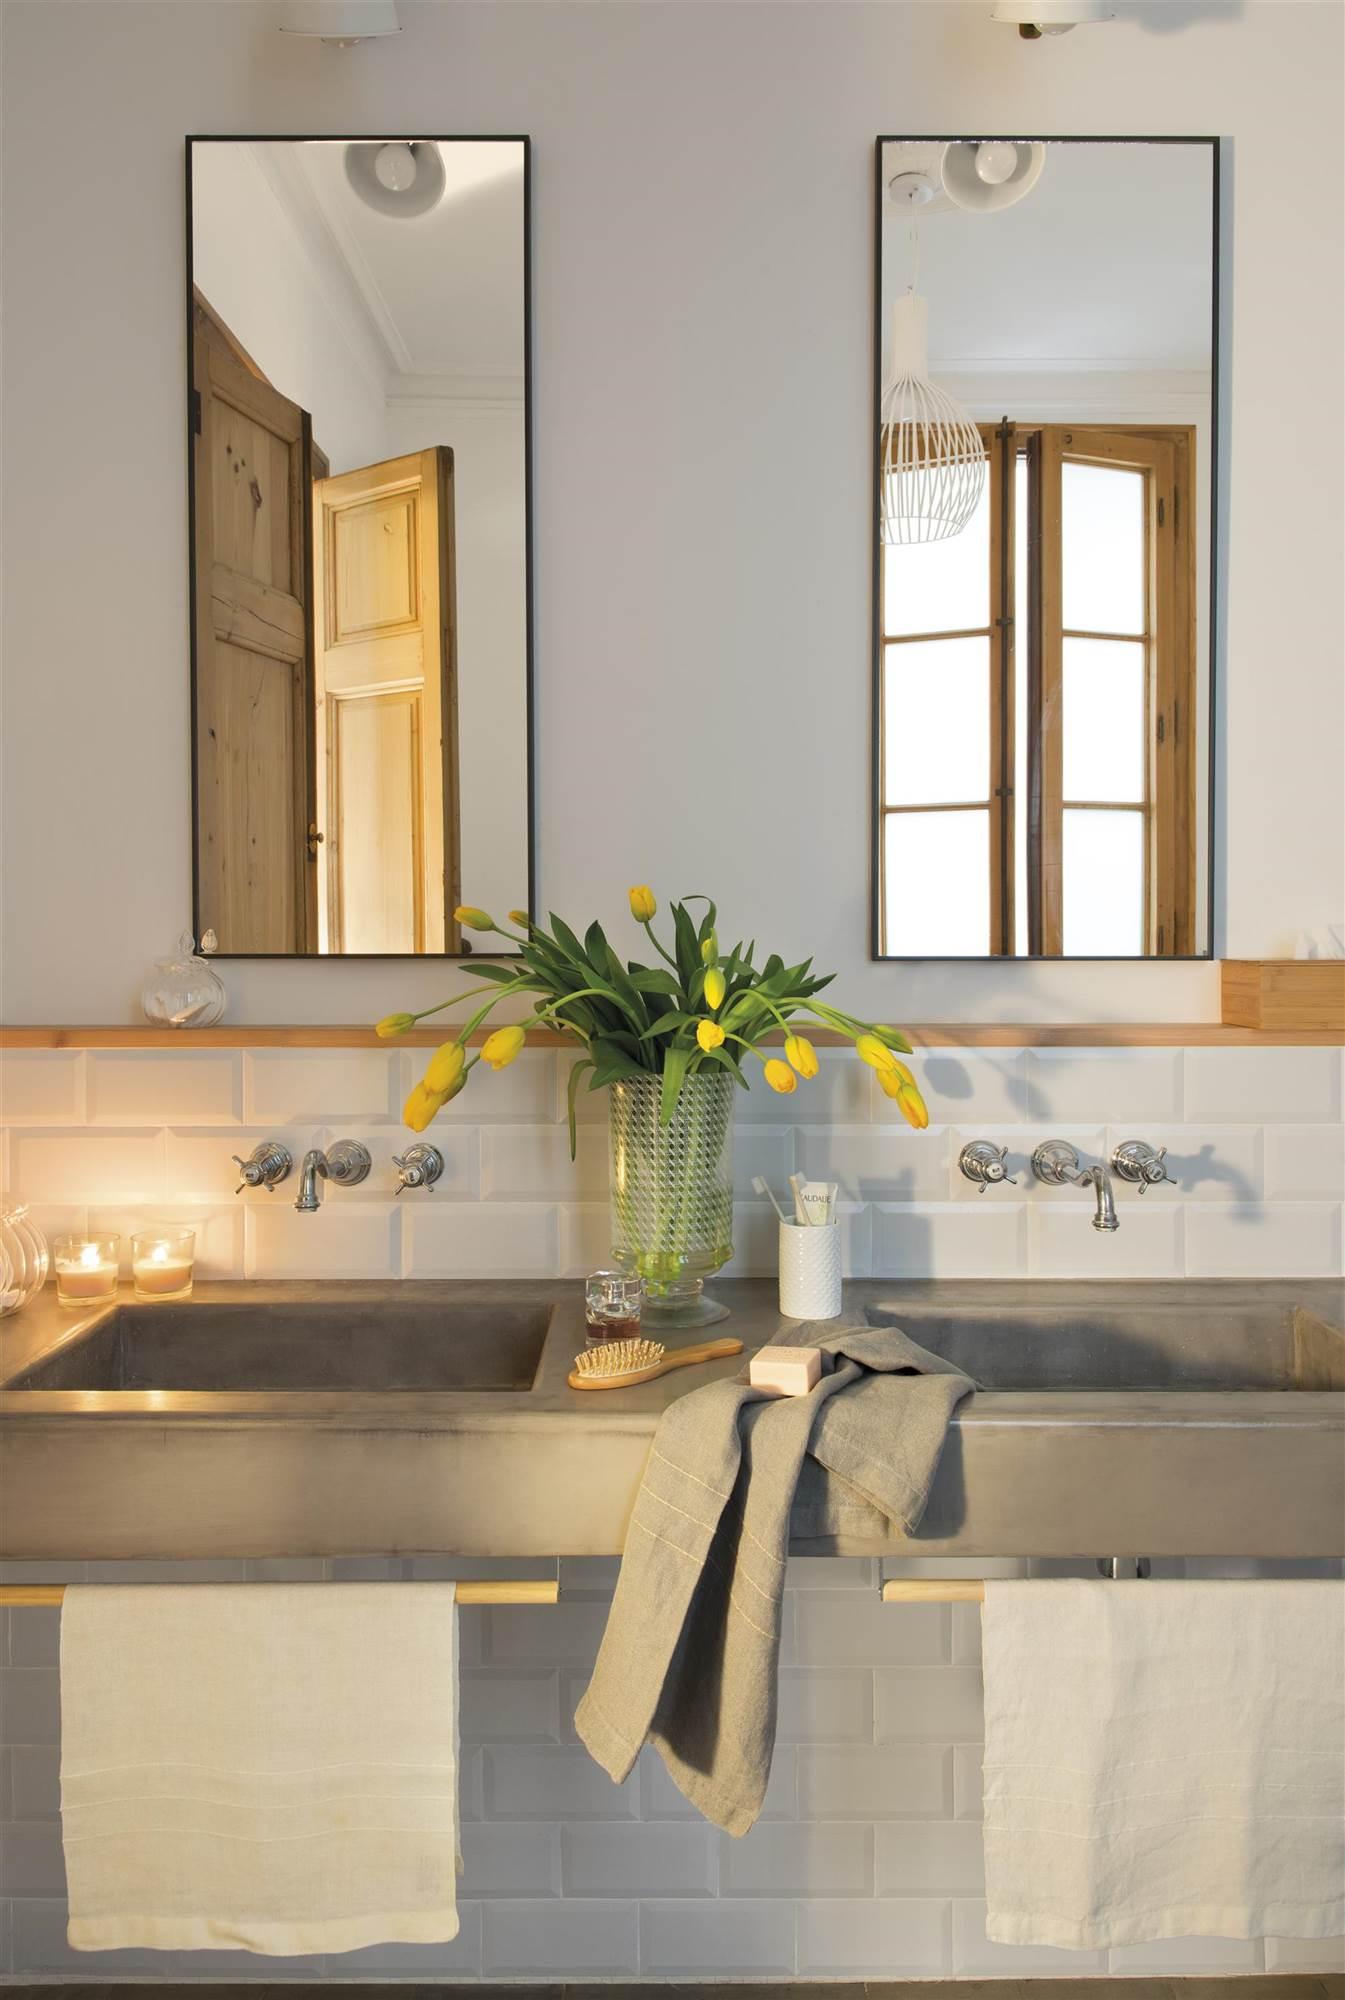 Baño Con Azulejos Tipo Metro, Espejos De Metal Y Lavamanos De  Microcemento_00469449